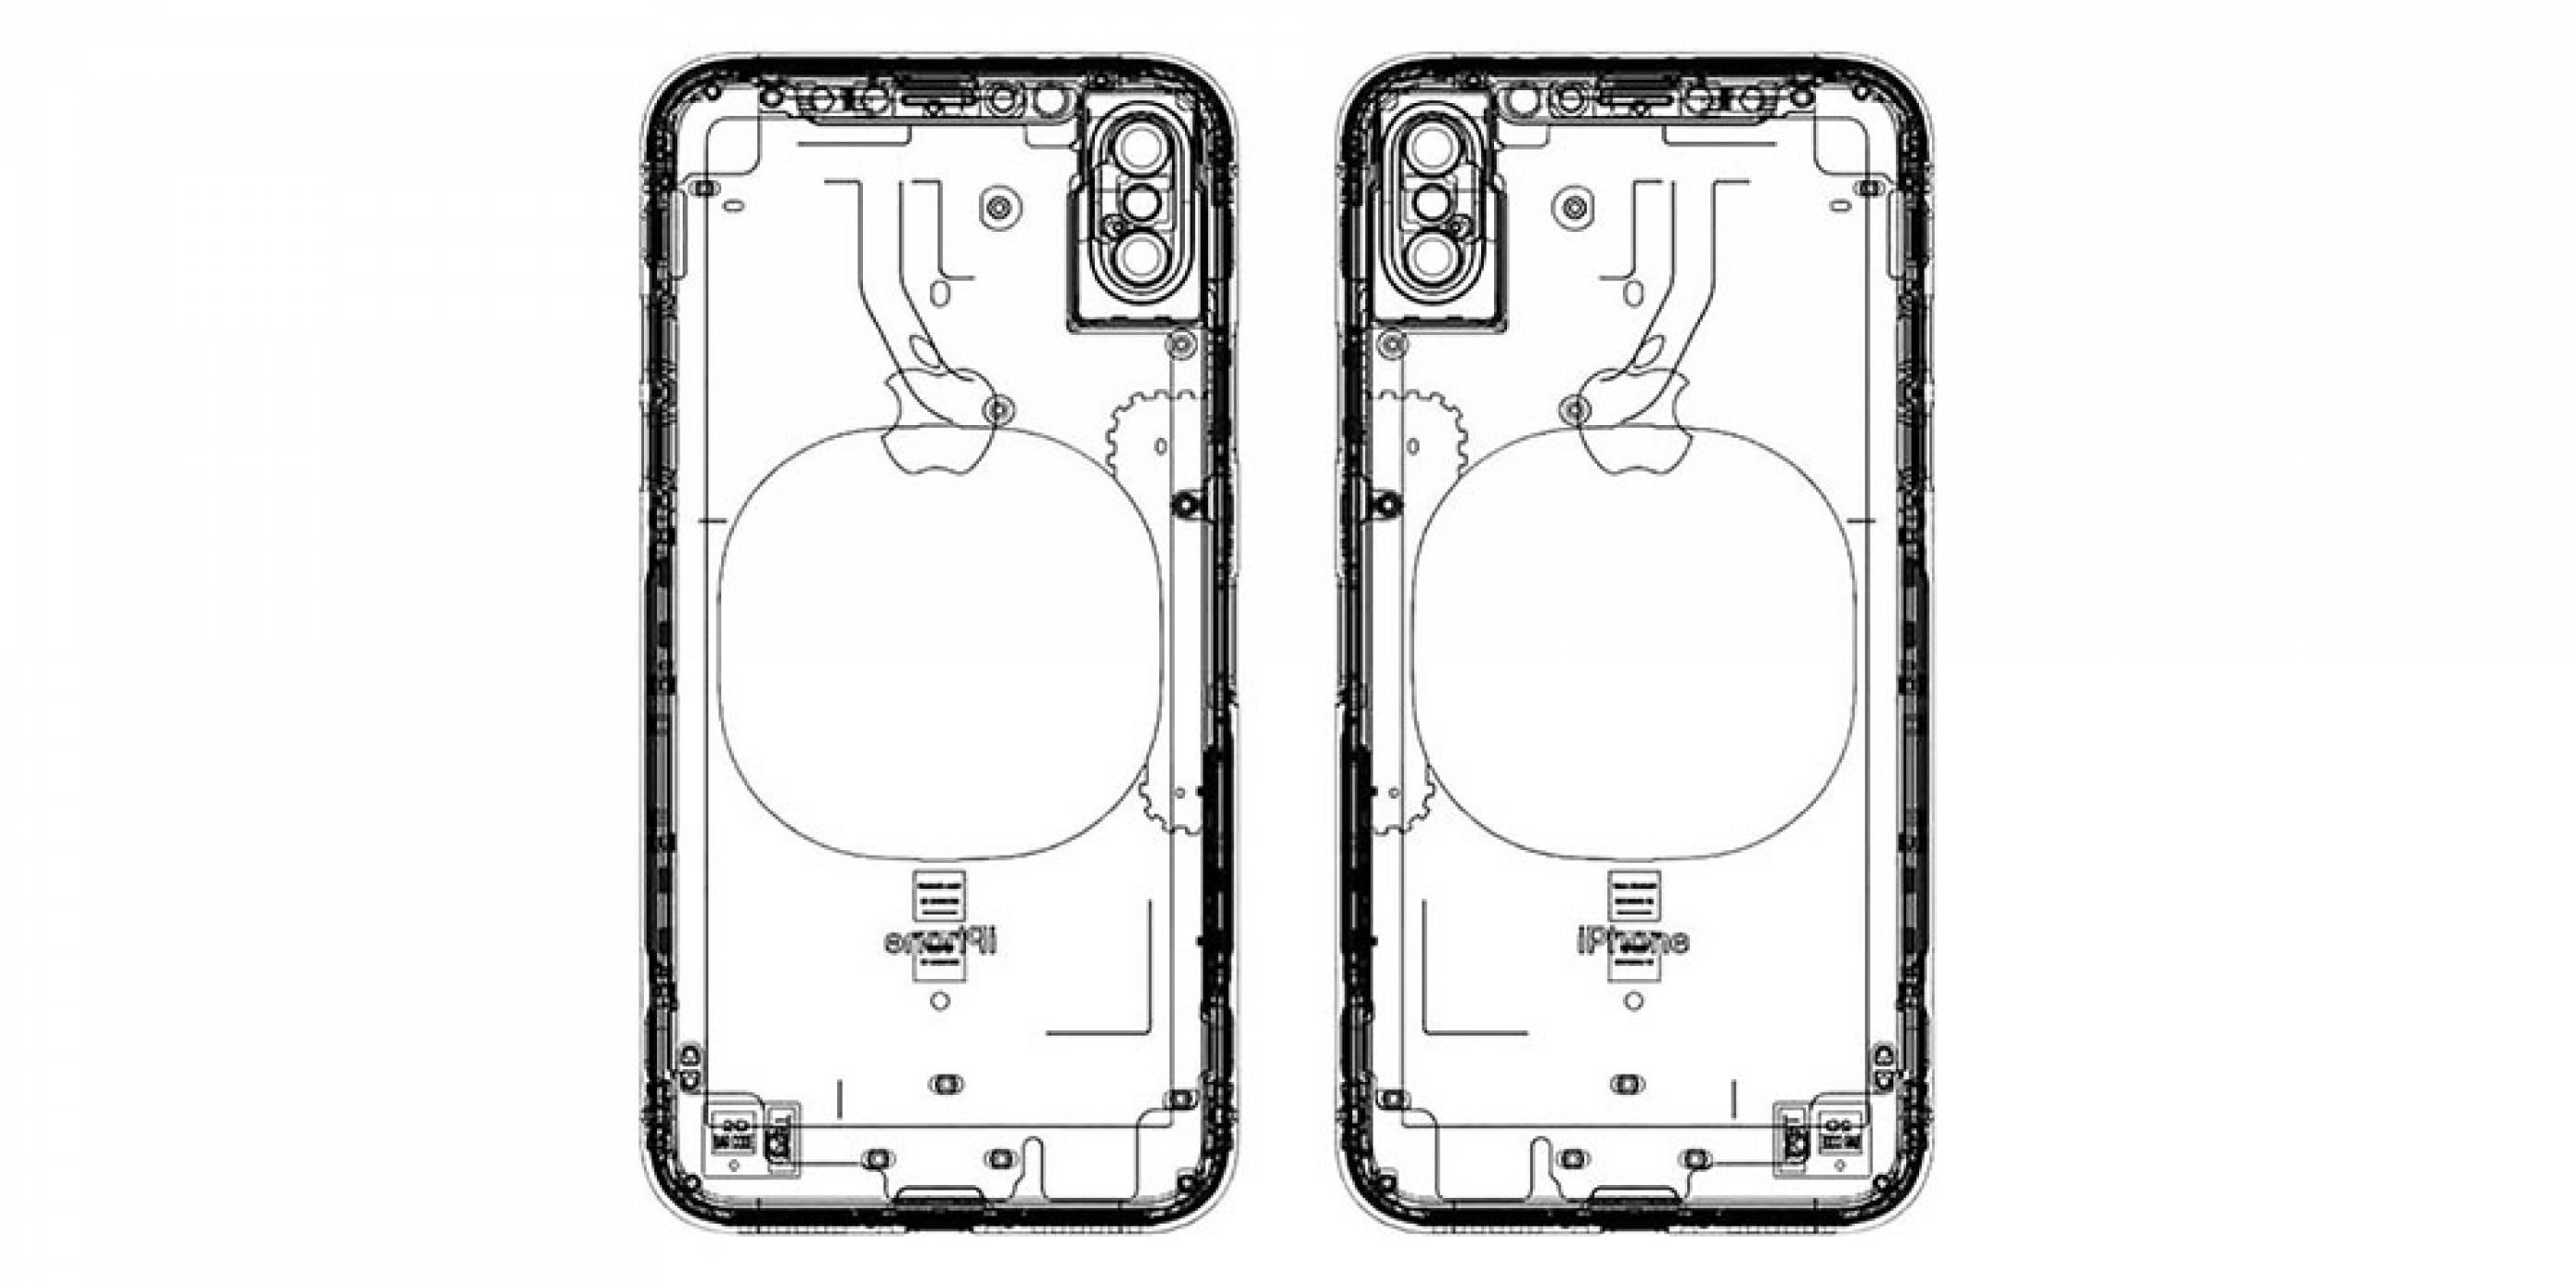 Нова схема на iPhone 8 потвърждава, че устройсвото ще има функция за безжично зареждане